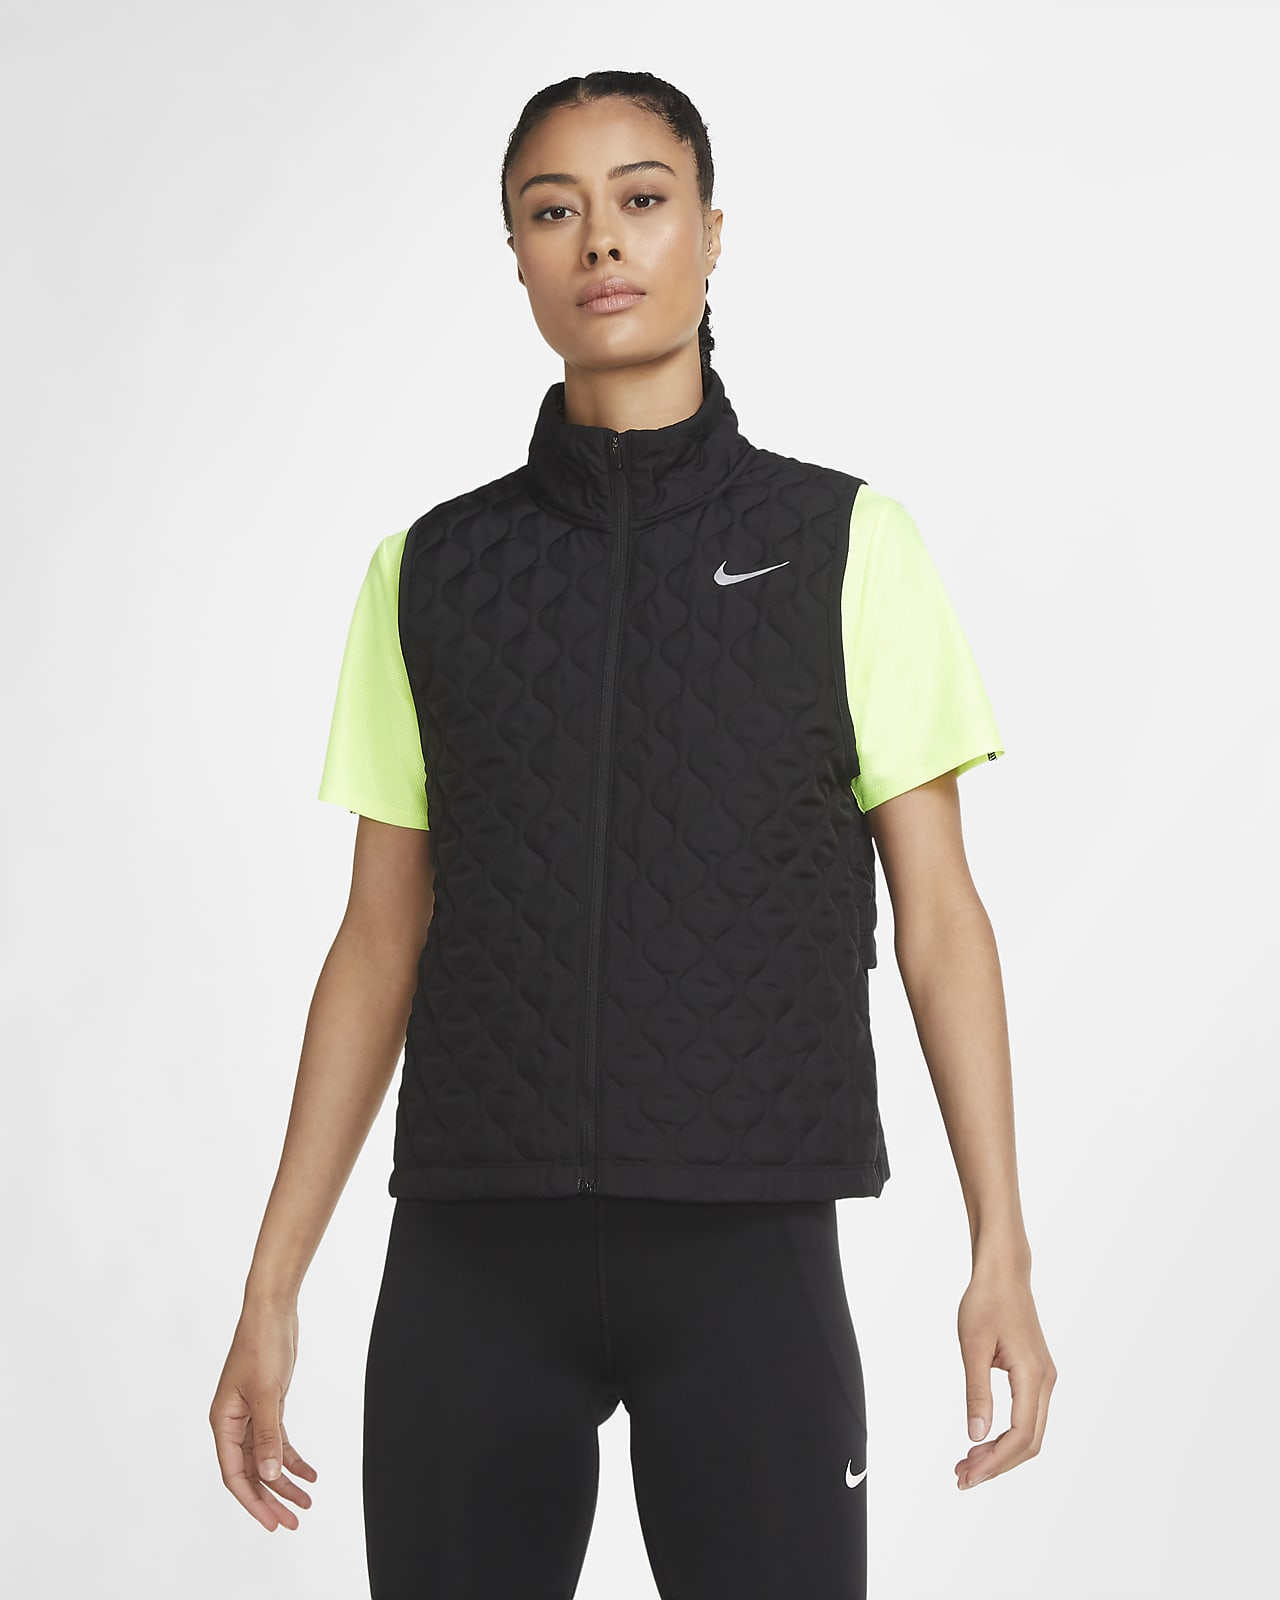 Nike AeroLayer Women's Running Gilet